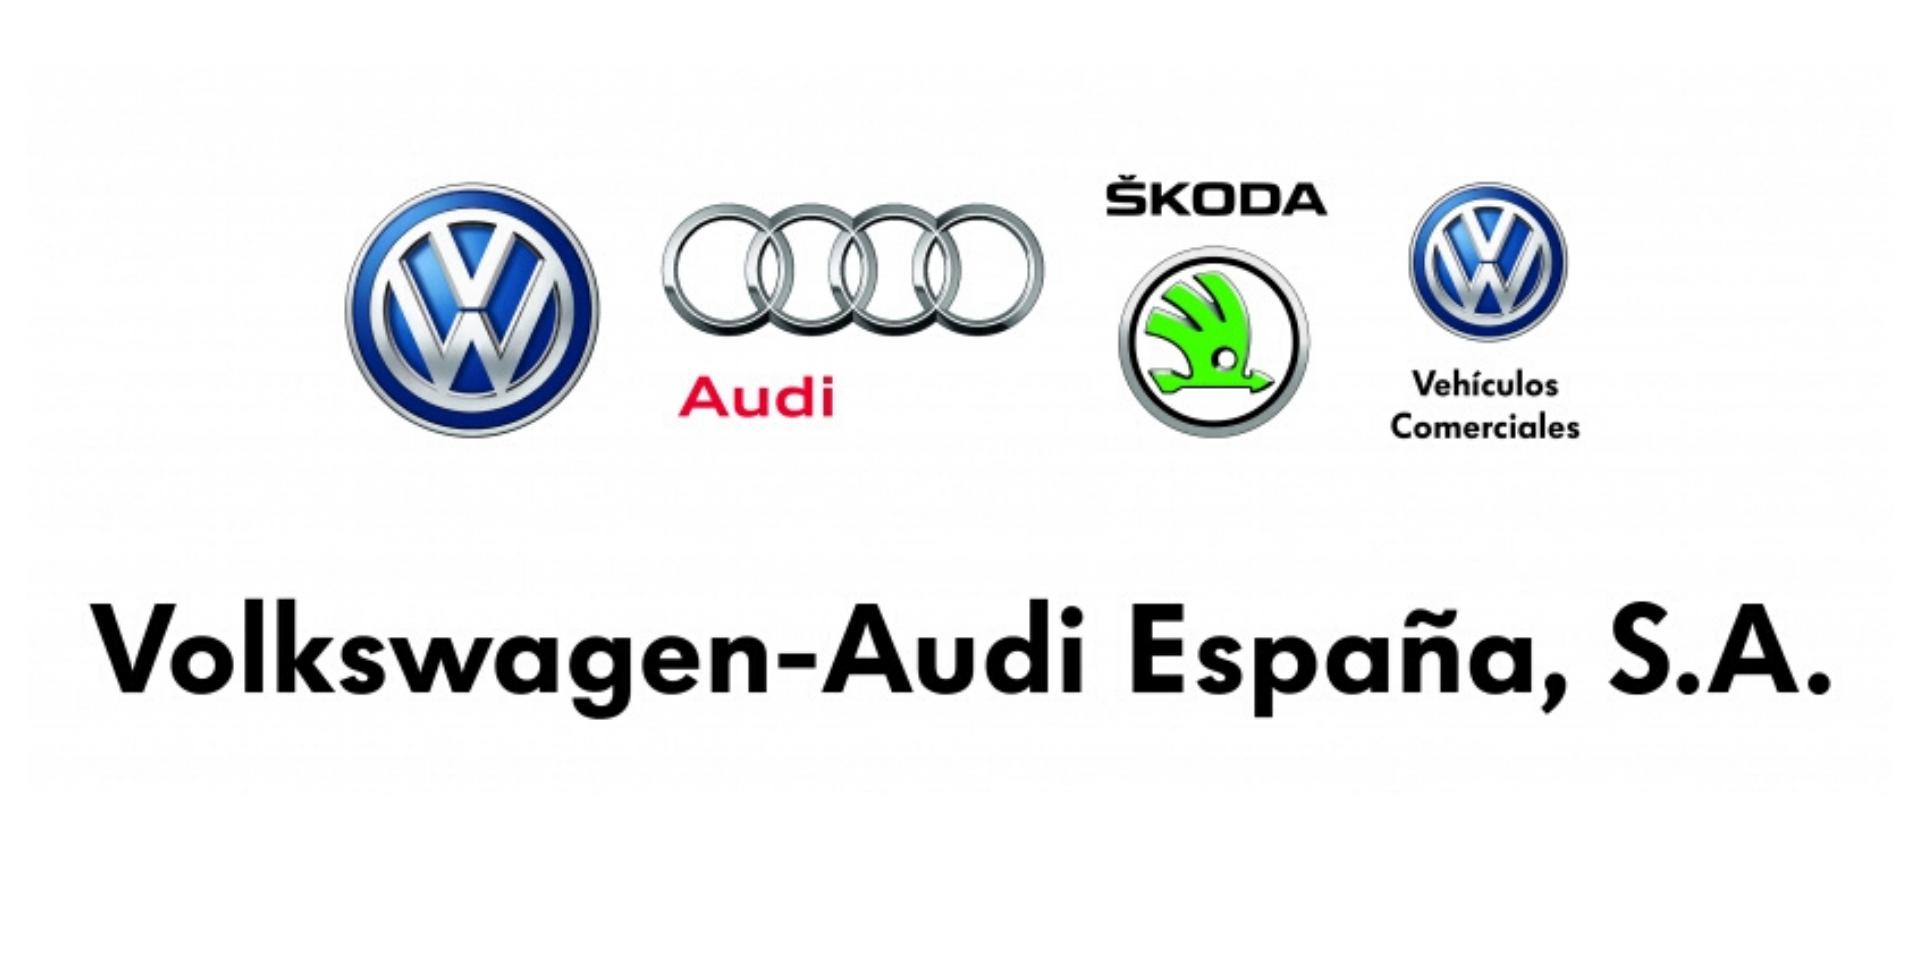 Volkswagen-Audi España SA